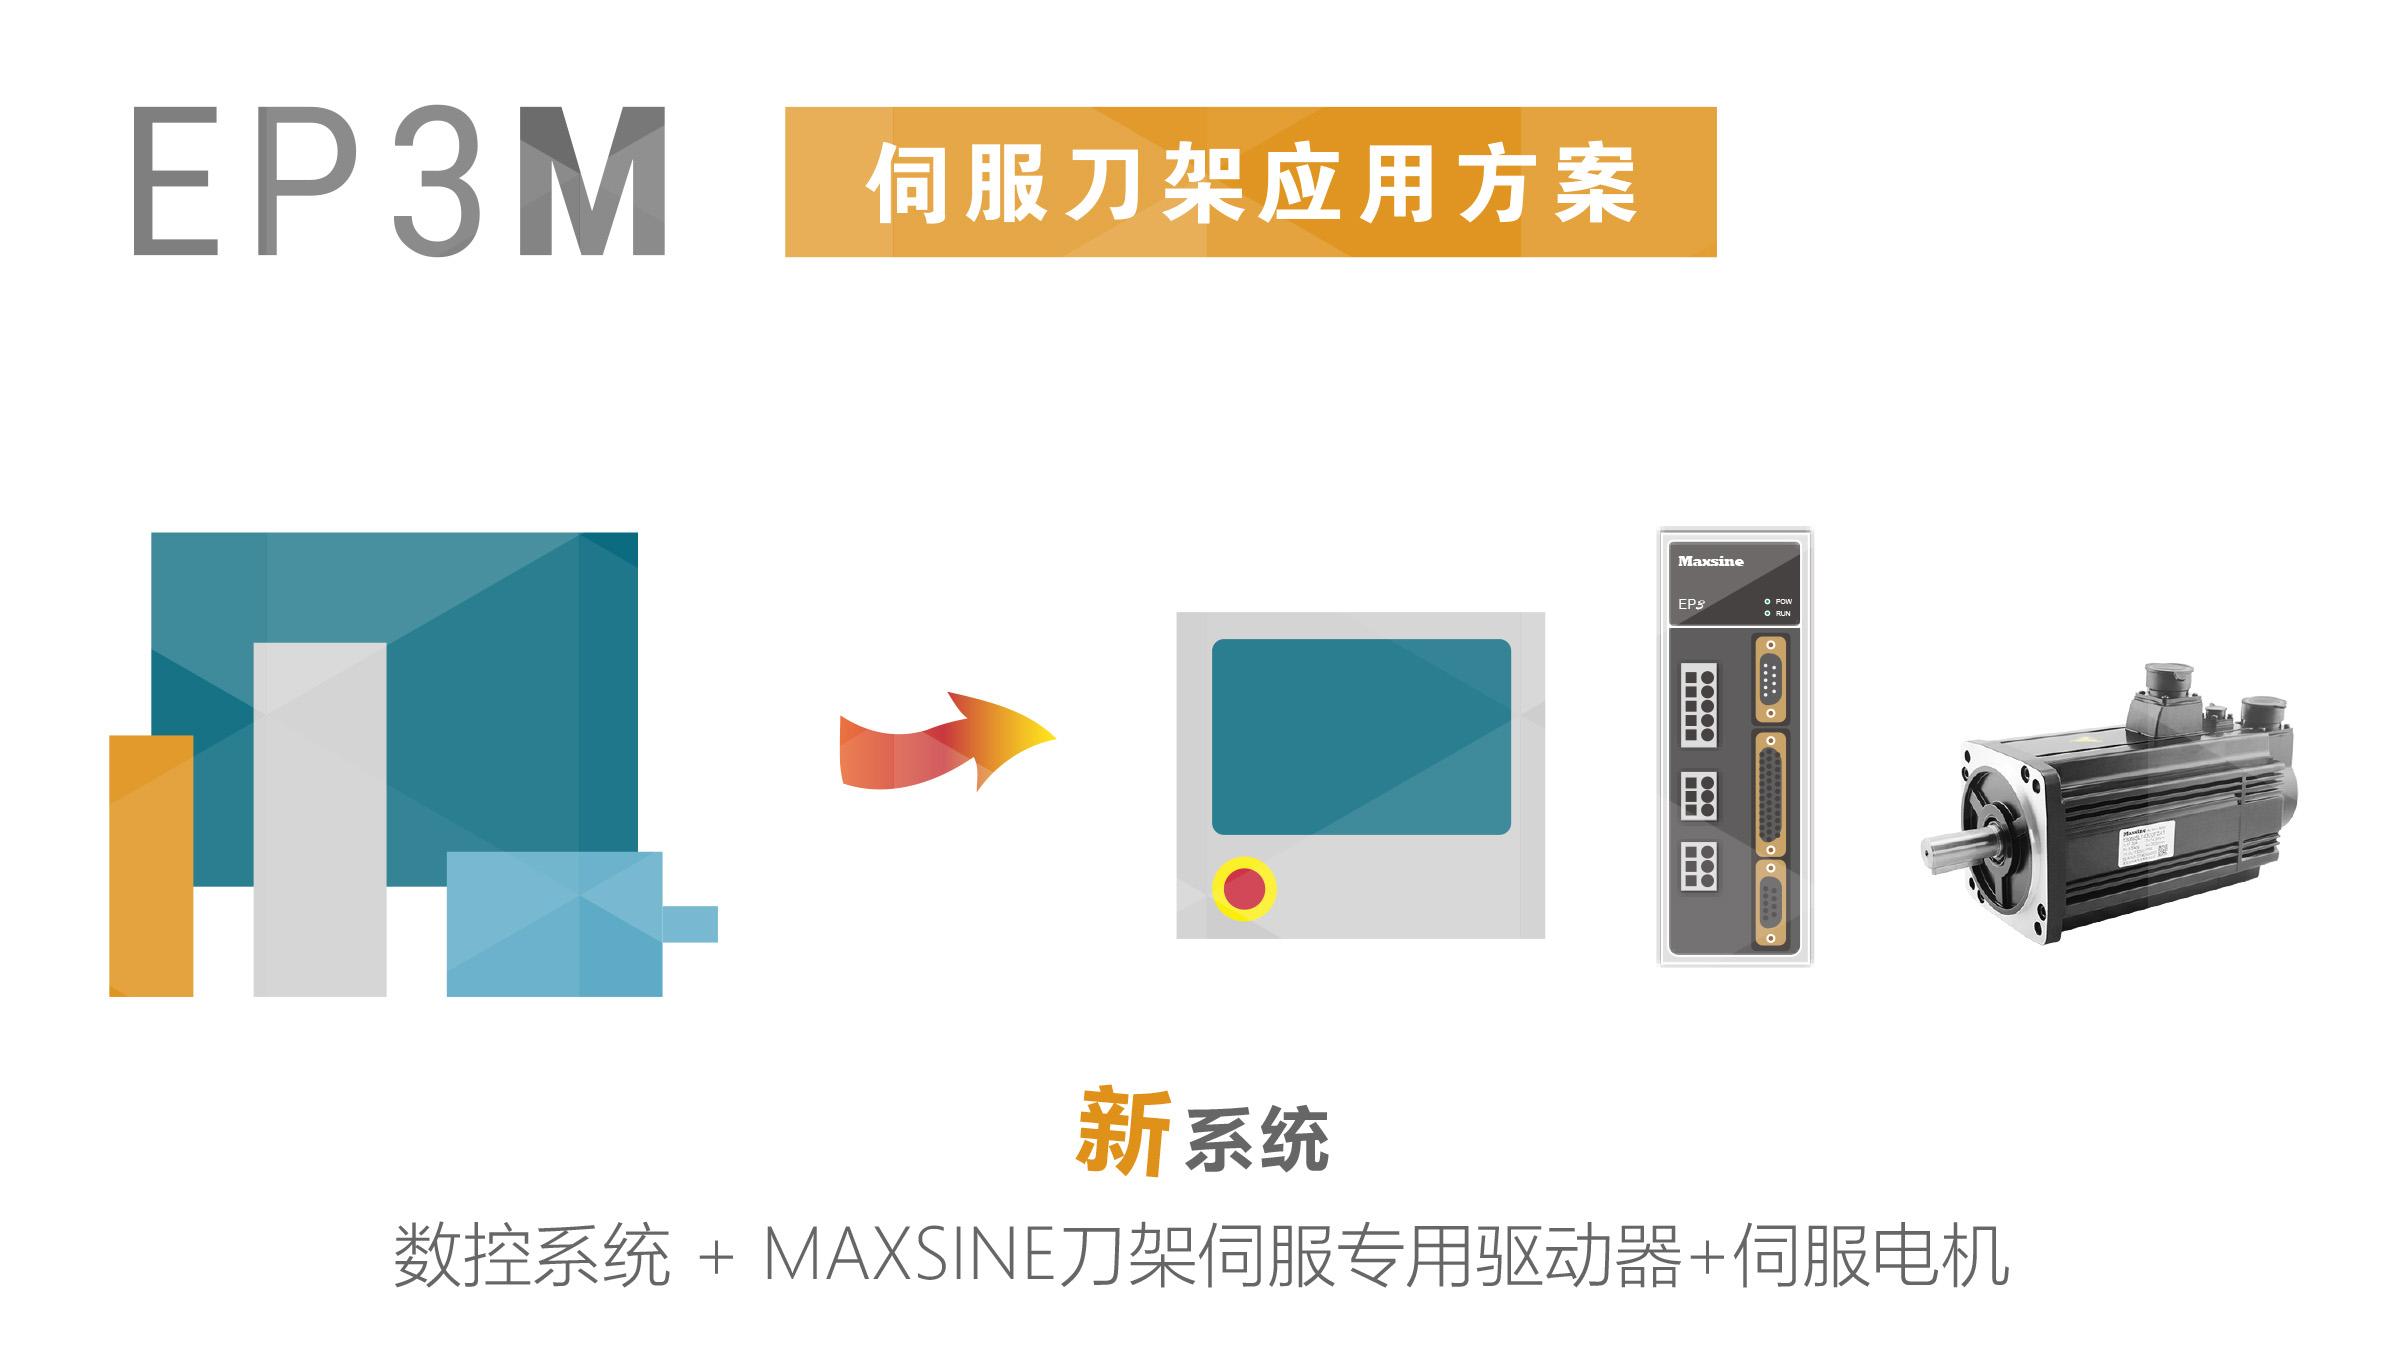 新品预览 | EP3M伺服刀架应用方案